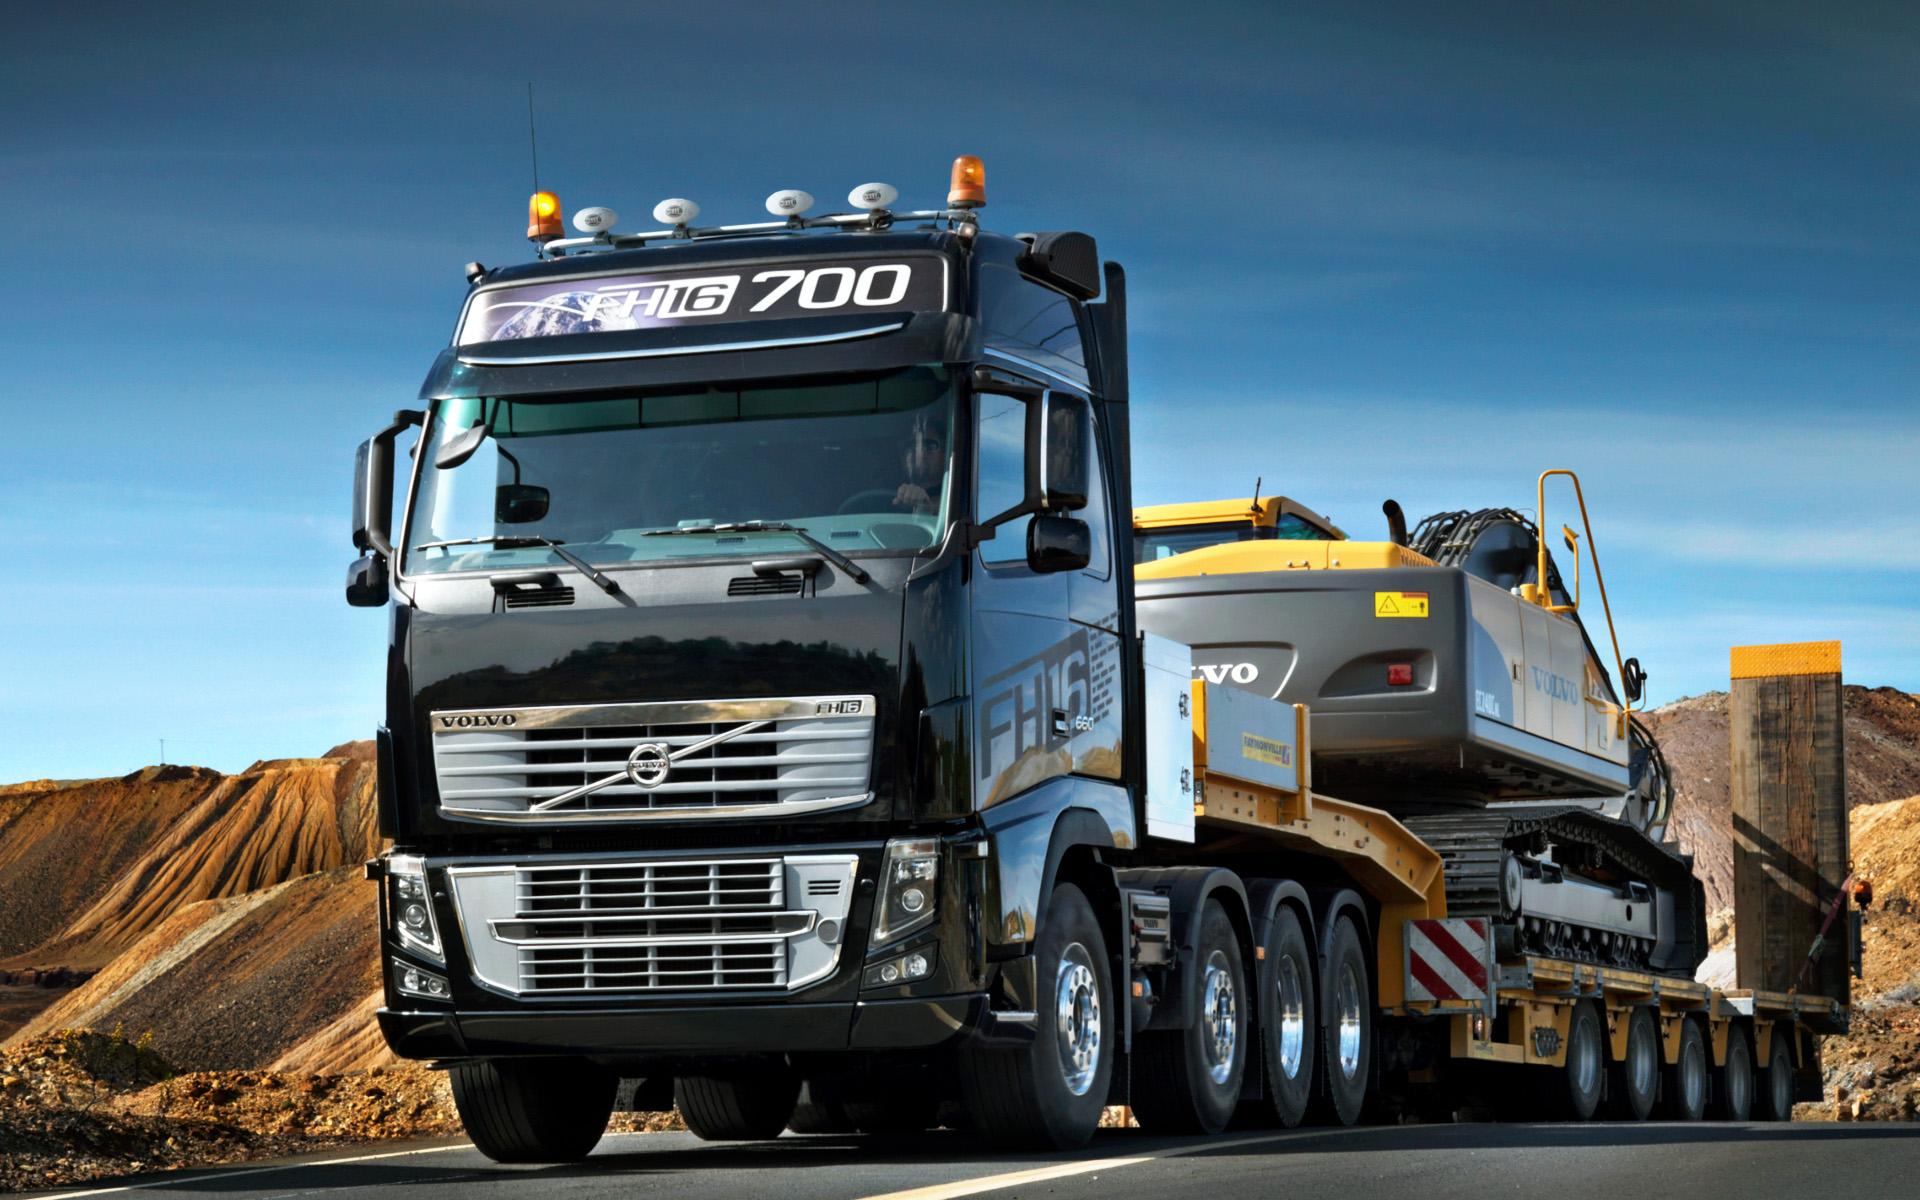 Volvo Truck Wallpaper - WallpaperSafari